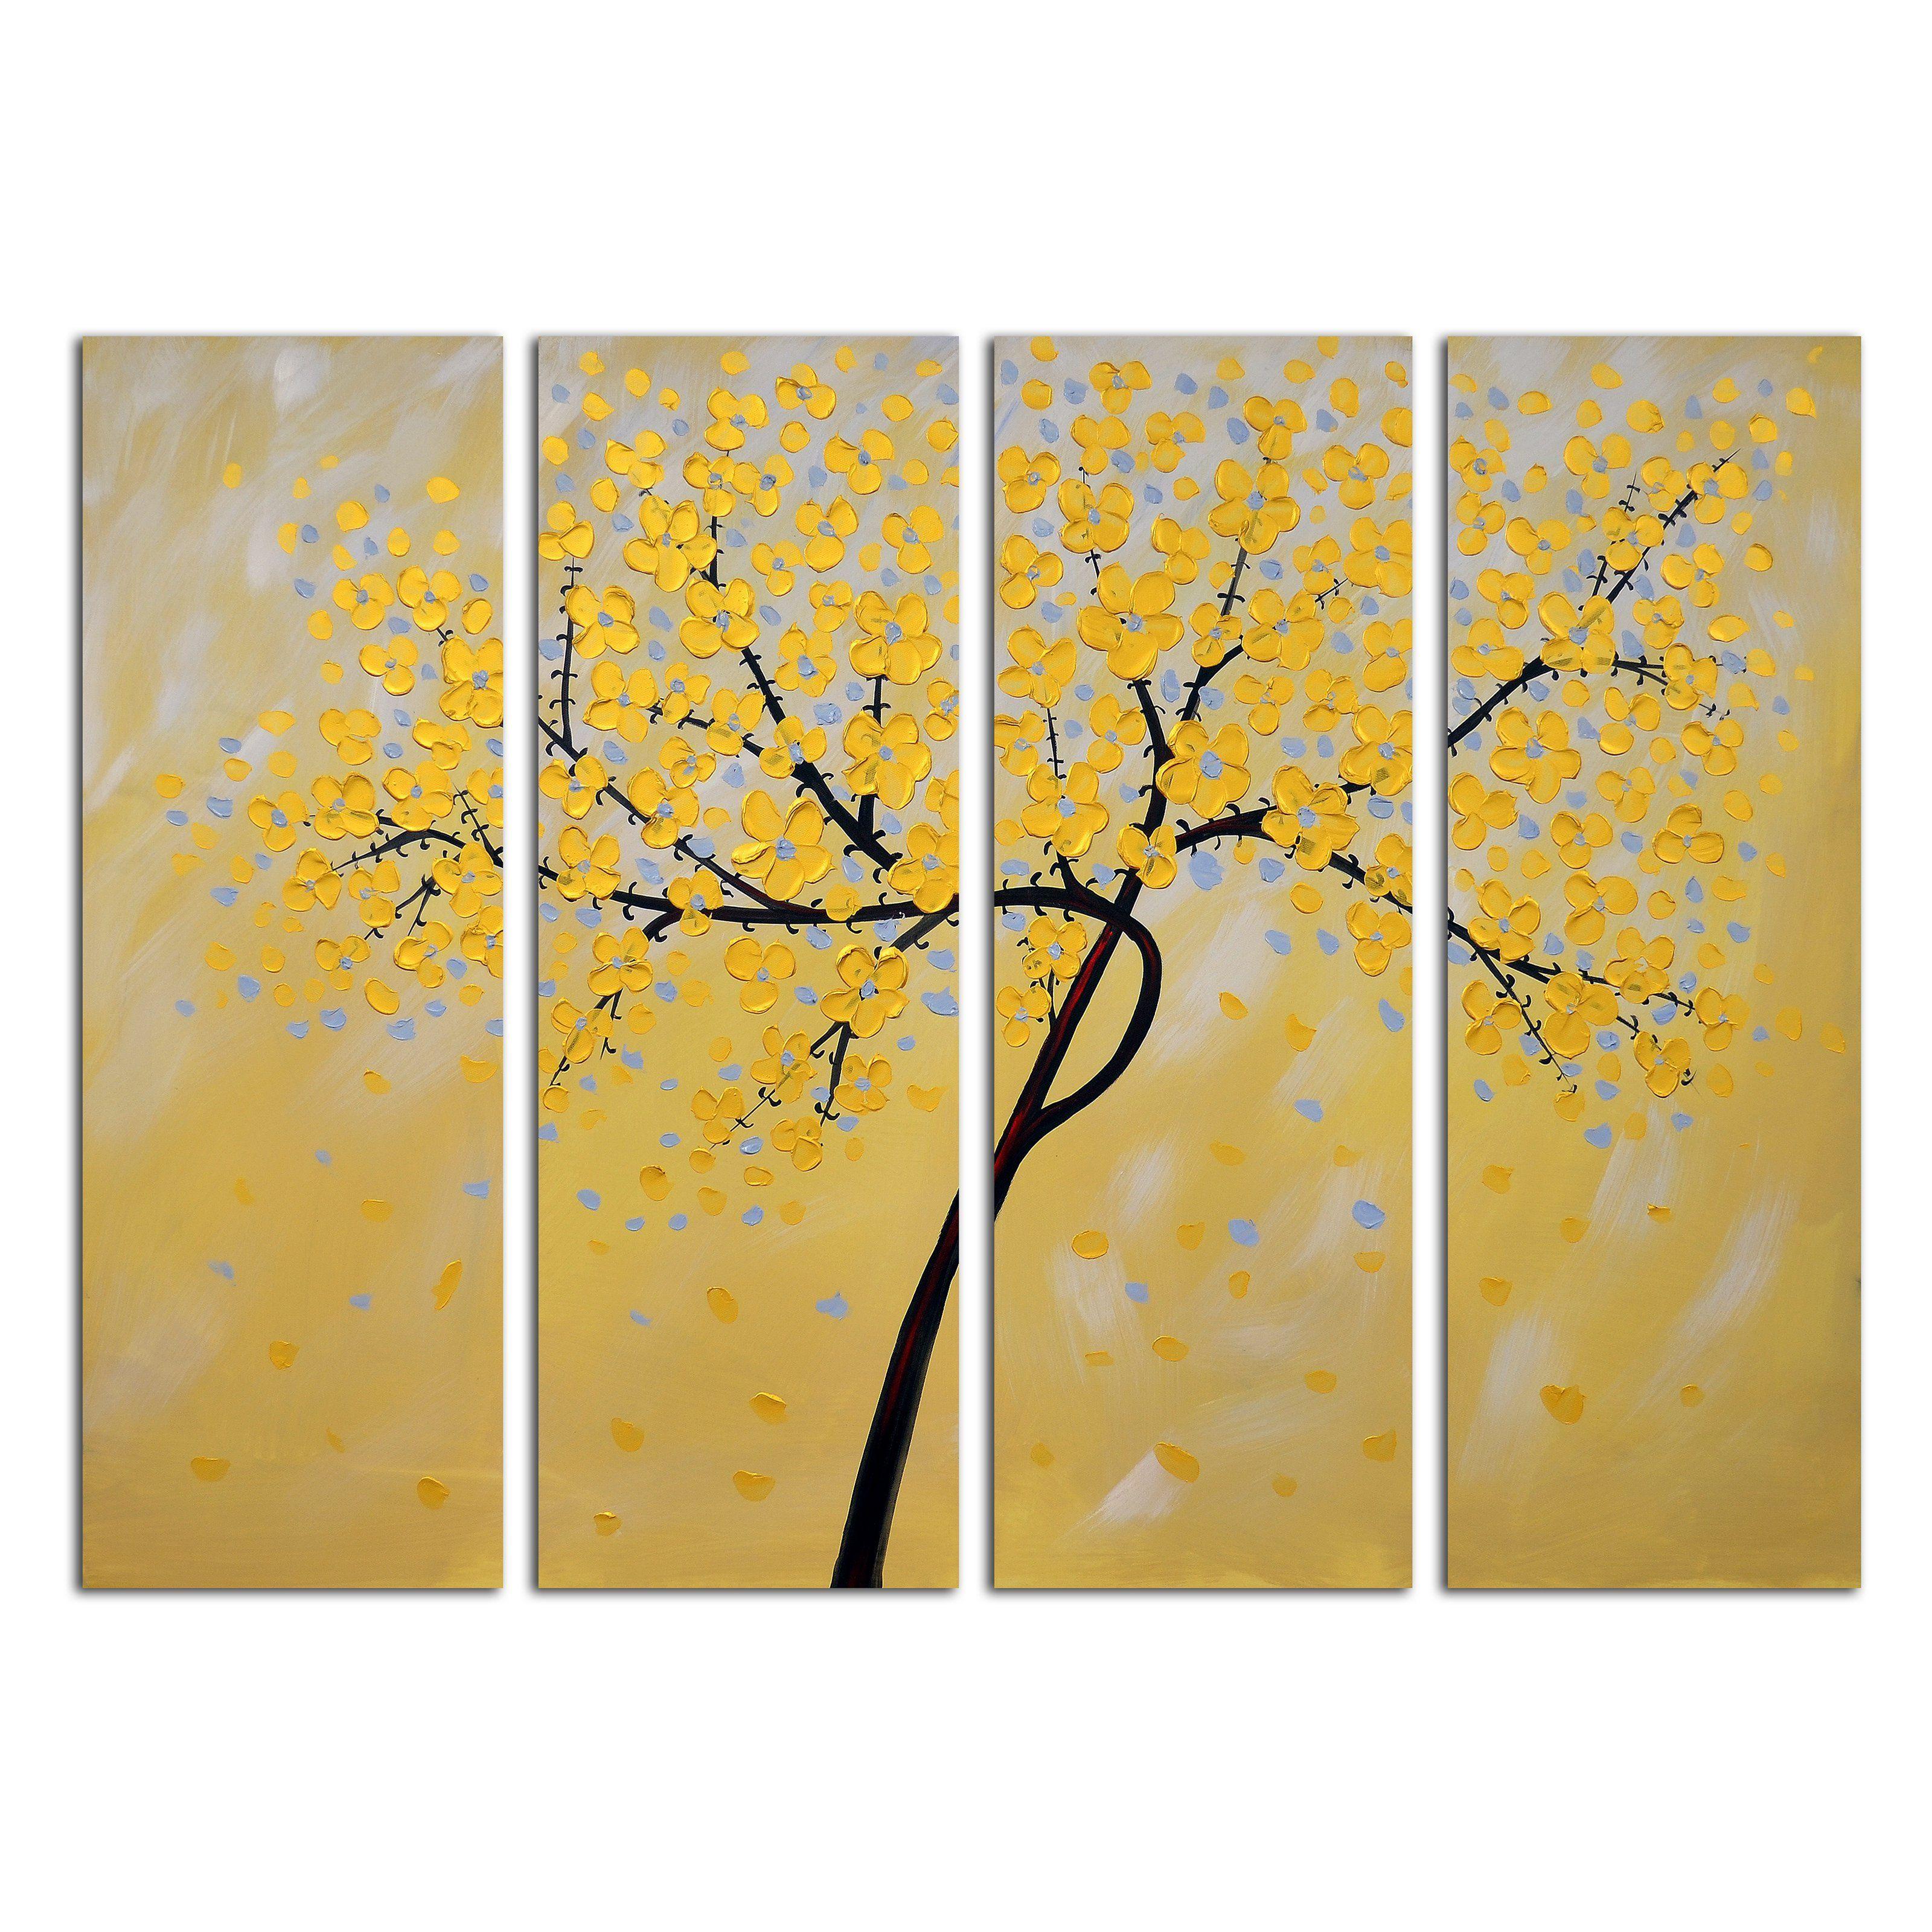 OMAX Decor Petals Wall Art - Set of 4 - M 3131 | Products ...